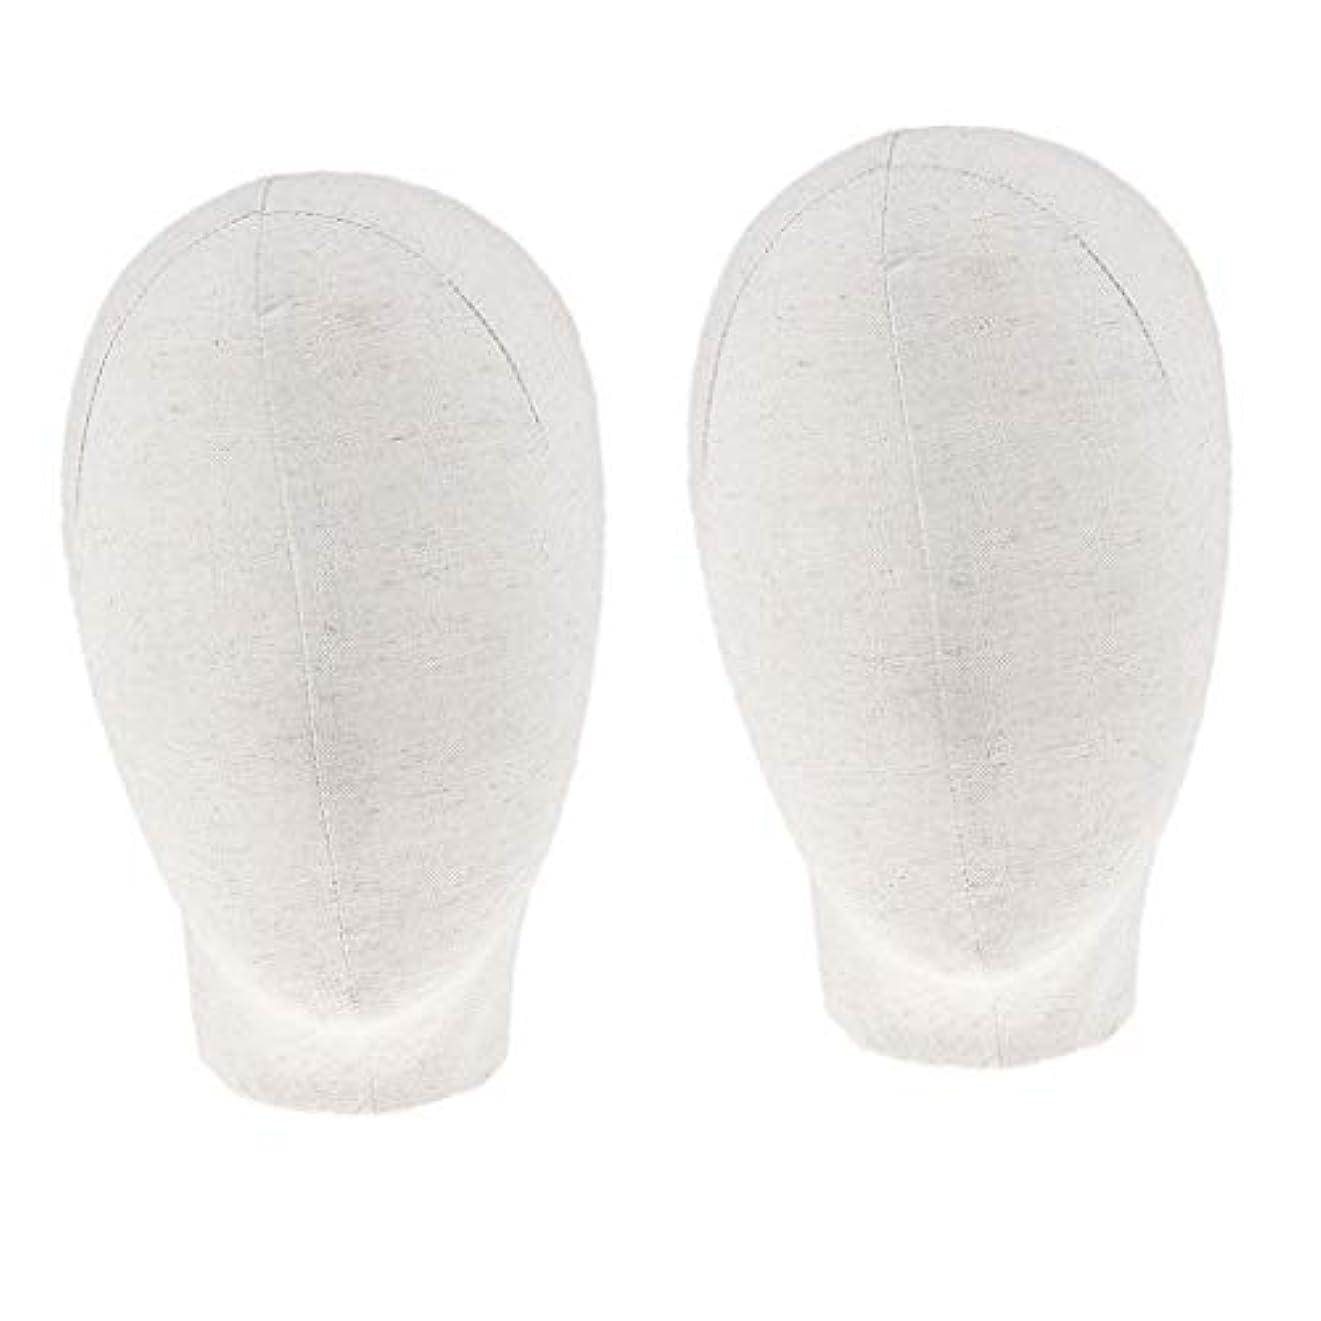 比喩改善エラーDYNWAVE マネキンヘッド キャンバスブロック 21インチ かつら 帽子 メガネ ディスプレイ ホルダー